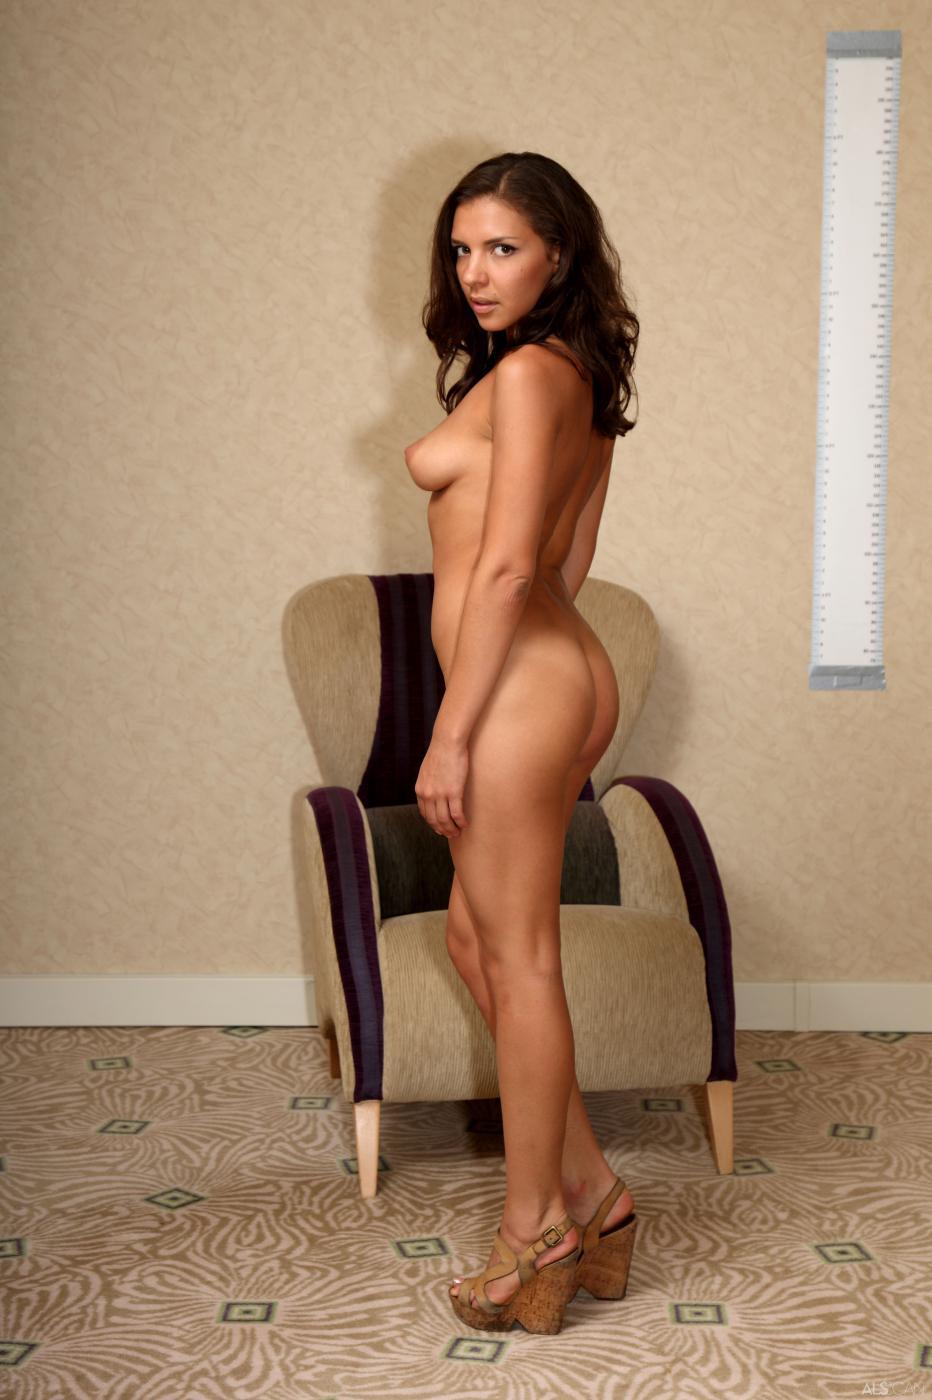 Пробы сексуальной брюнетки Alina Henessy, которая раздевается и показывает свои прелести